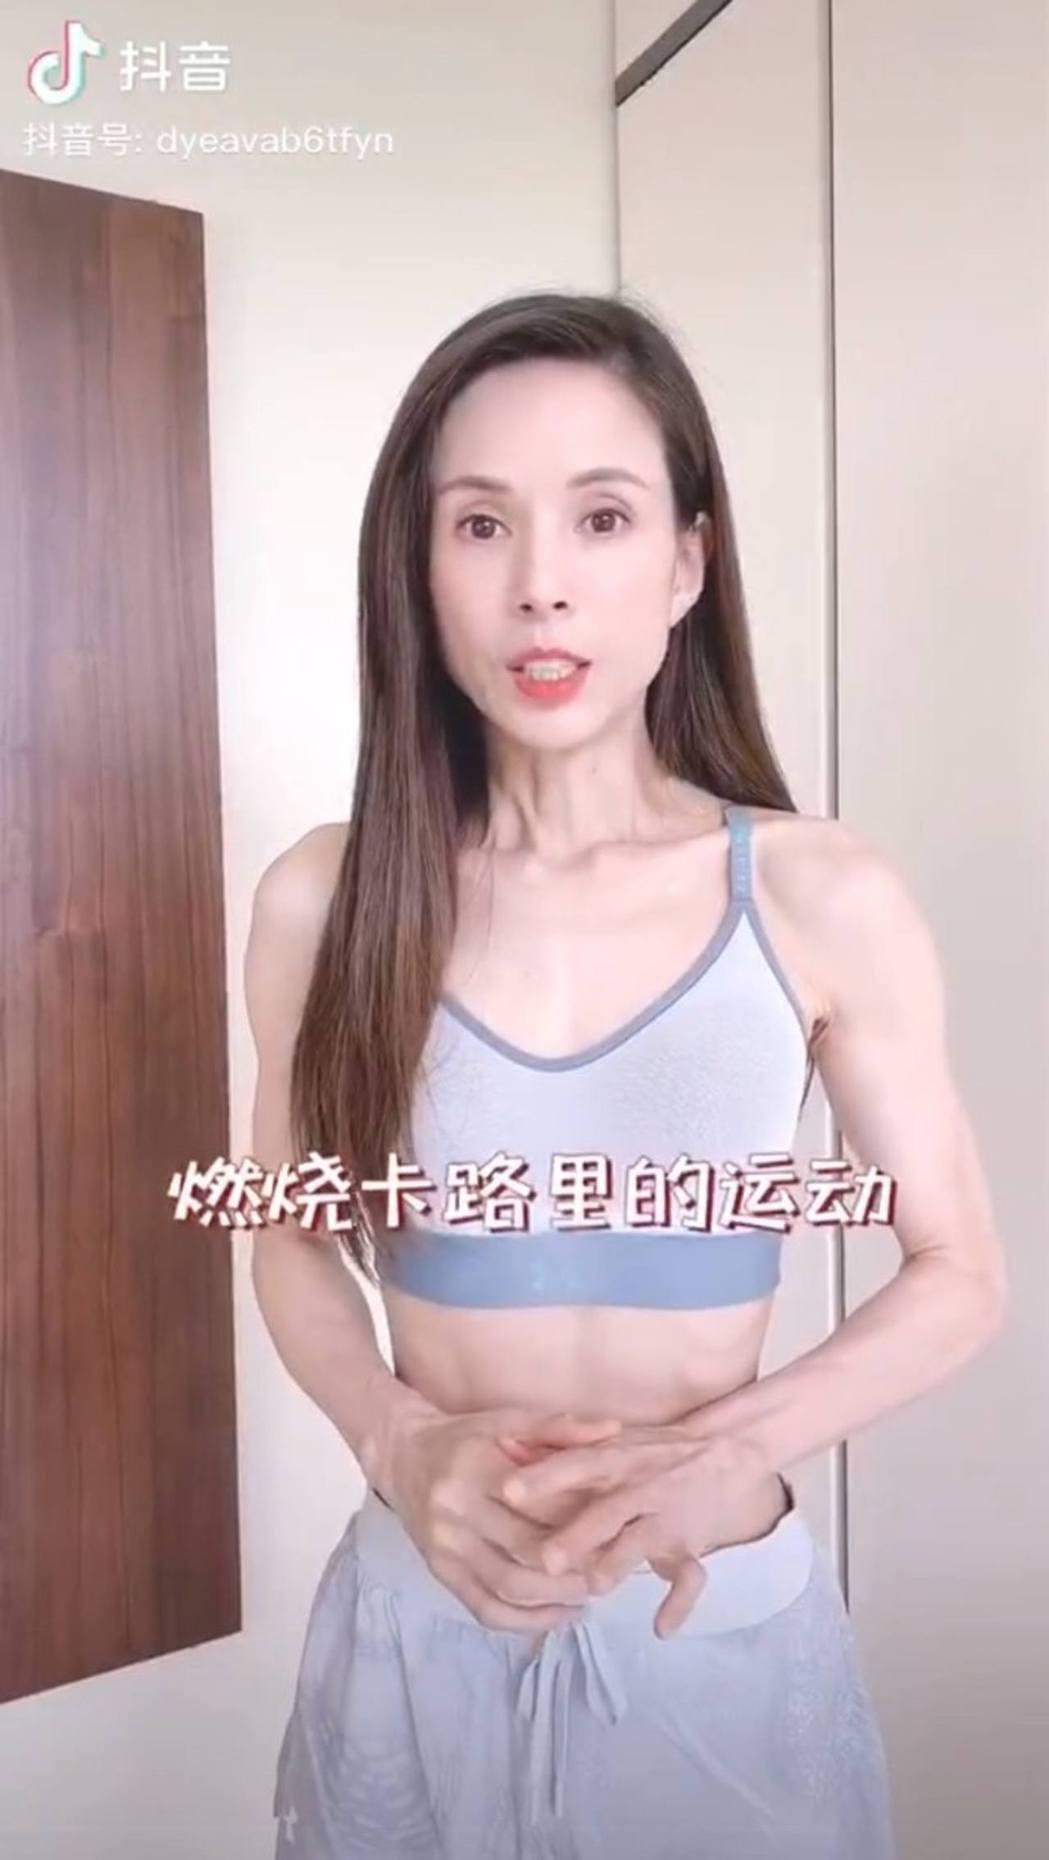 李若彤傳授健身秘訣。圖/摘自抖音